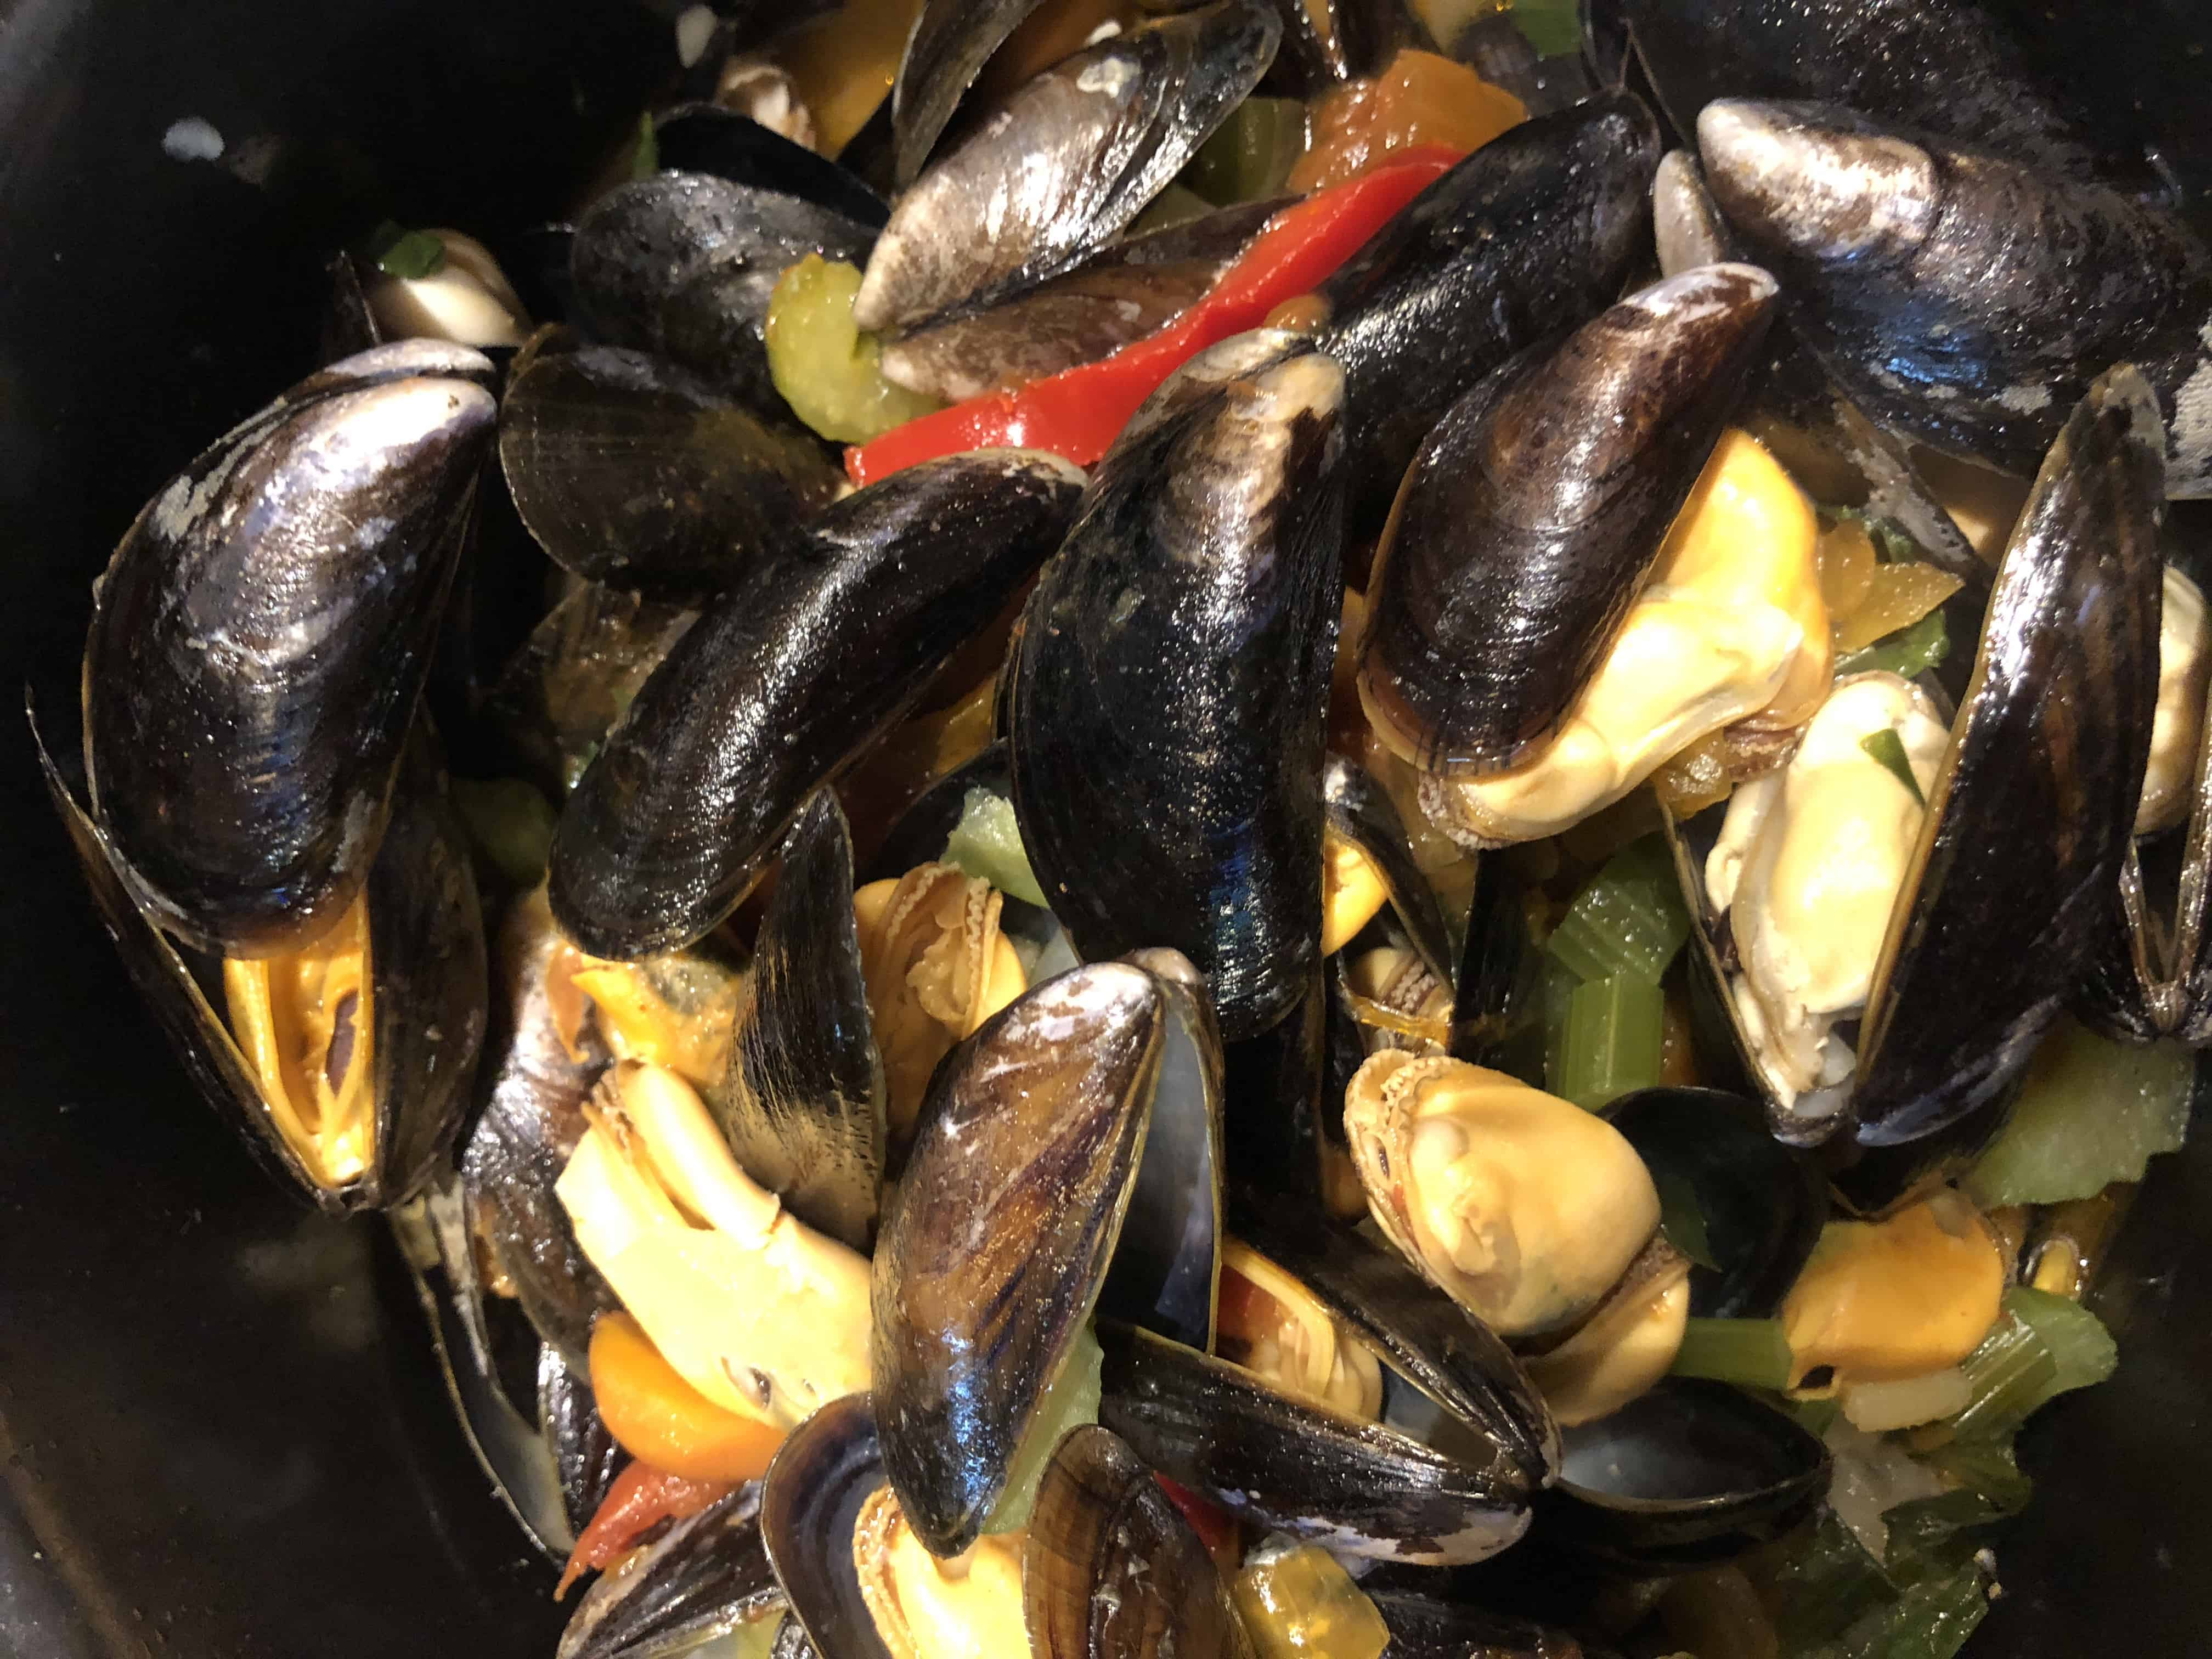 Middag på The Lobster i Brussel - moules frites, Storbyferie i Europa, weekendtur til Brussel, hotell i Brussel sentrum, ting å gjøre i Brussel, jentetur til Brussel, kjærestetur til Brussel, storbyferie tips, helgetur i Europa